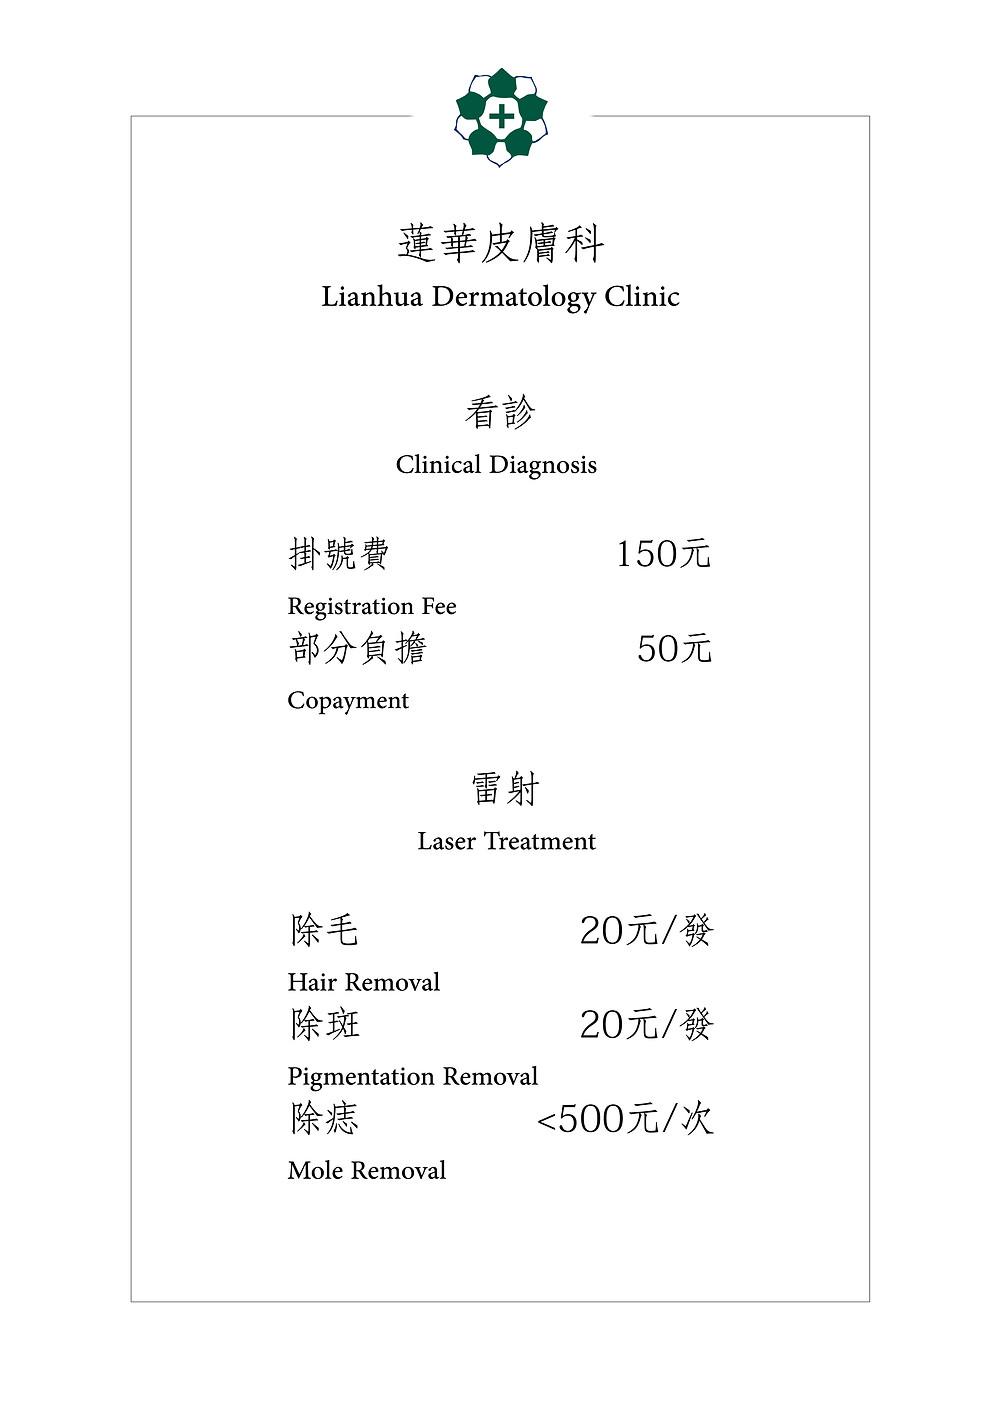 台中 蓮華皮膚科 健保 看診 雷射 服務 價錢